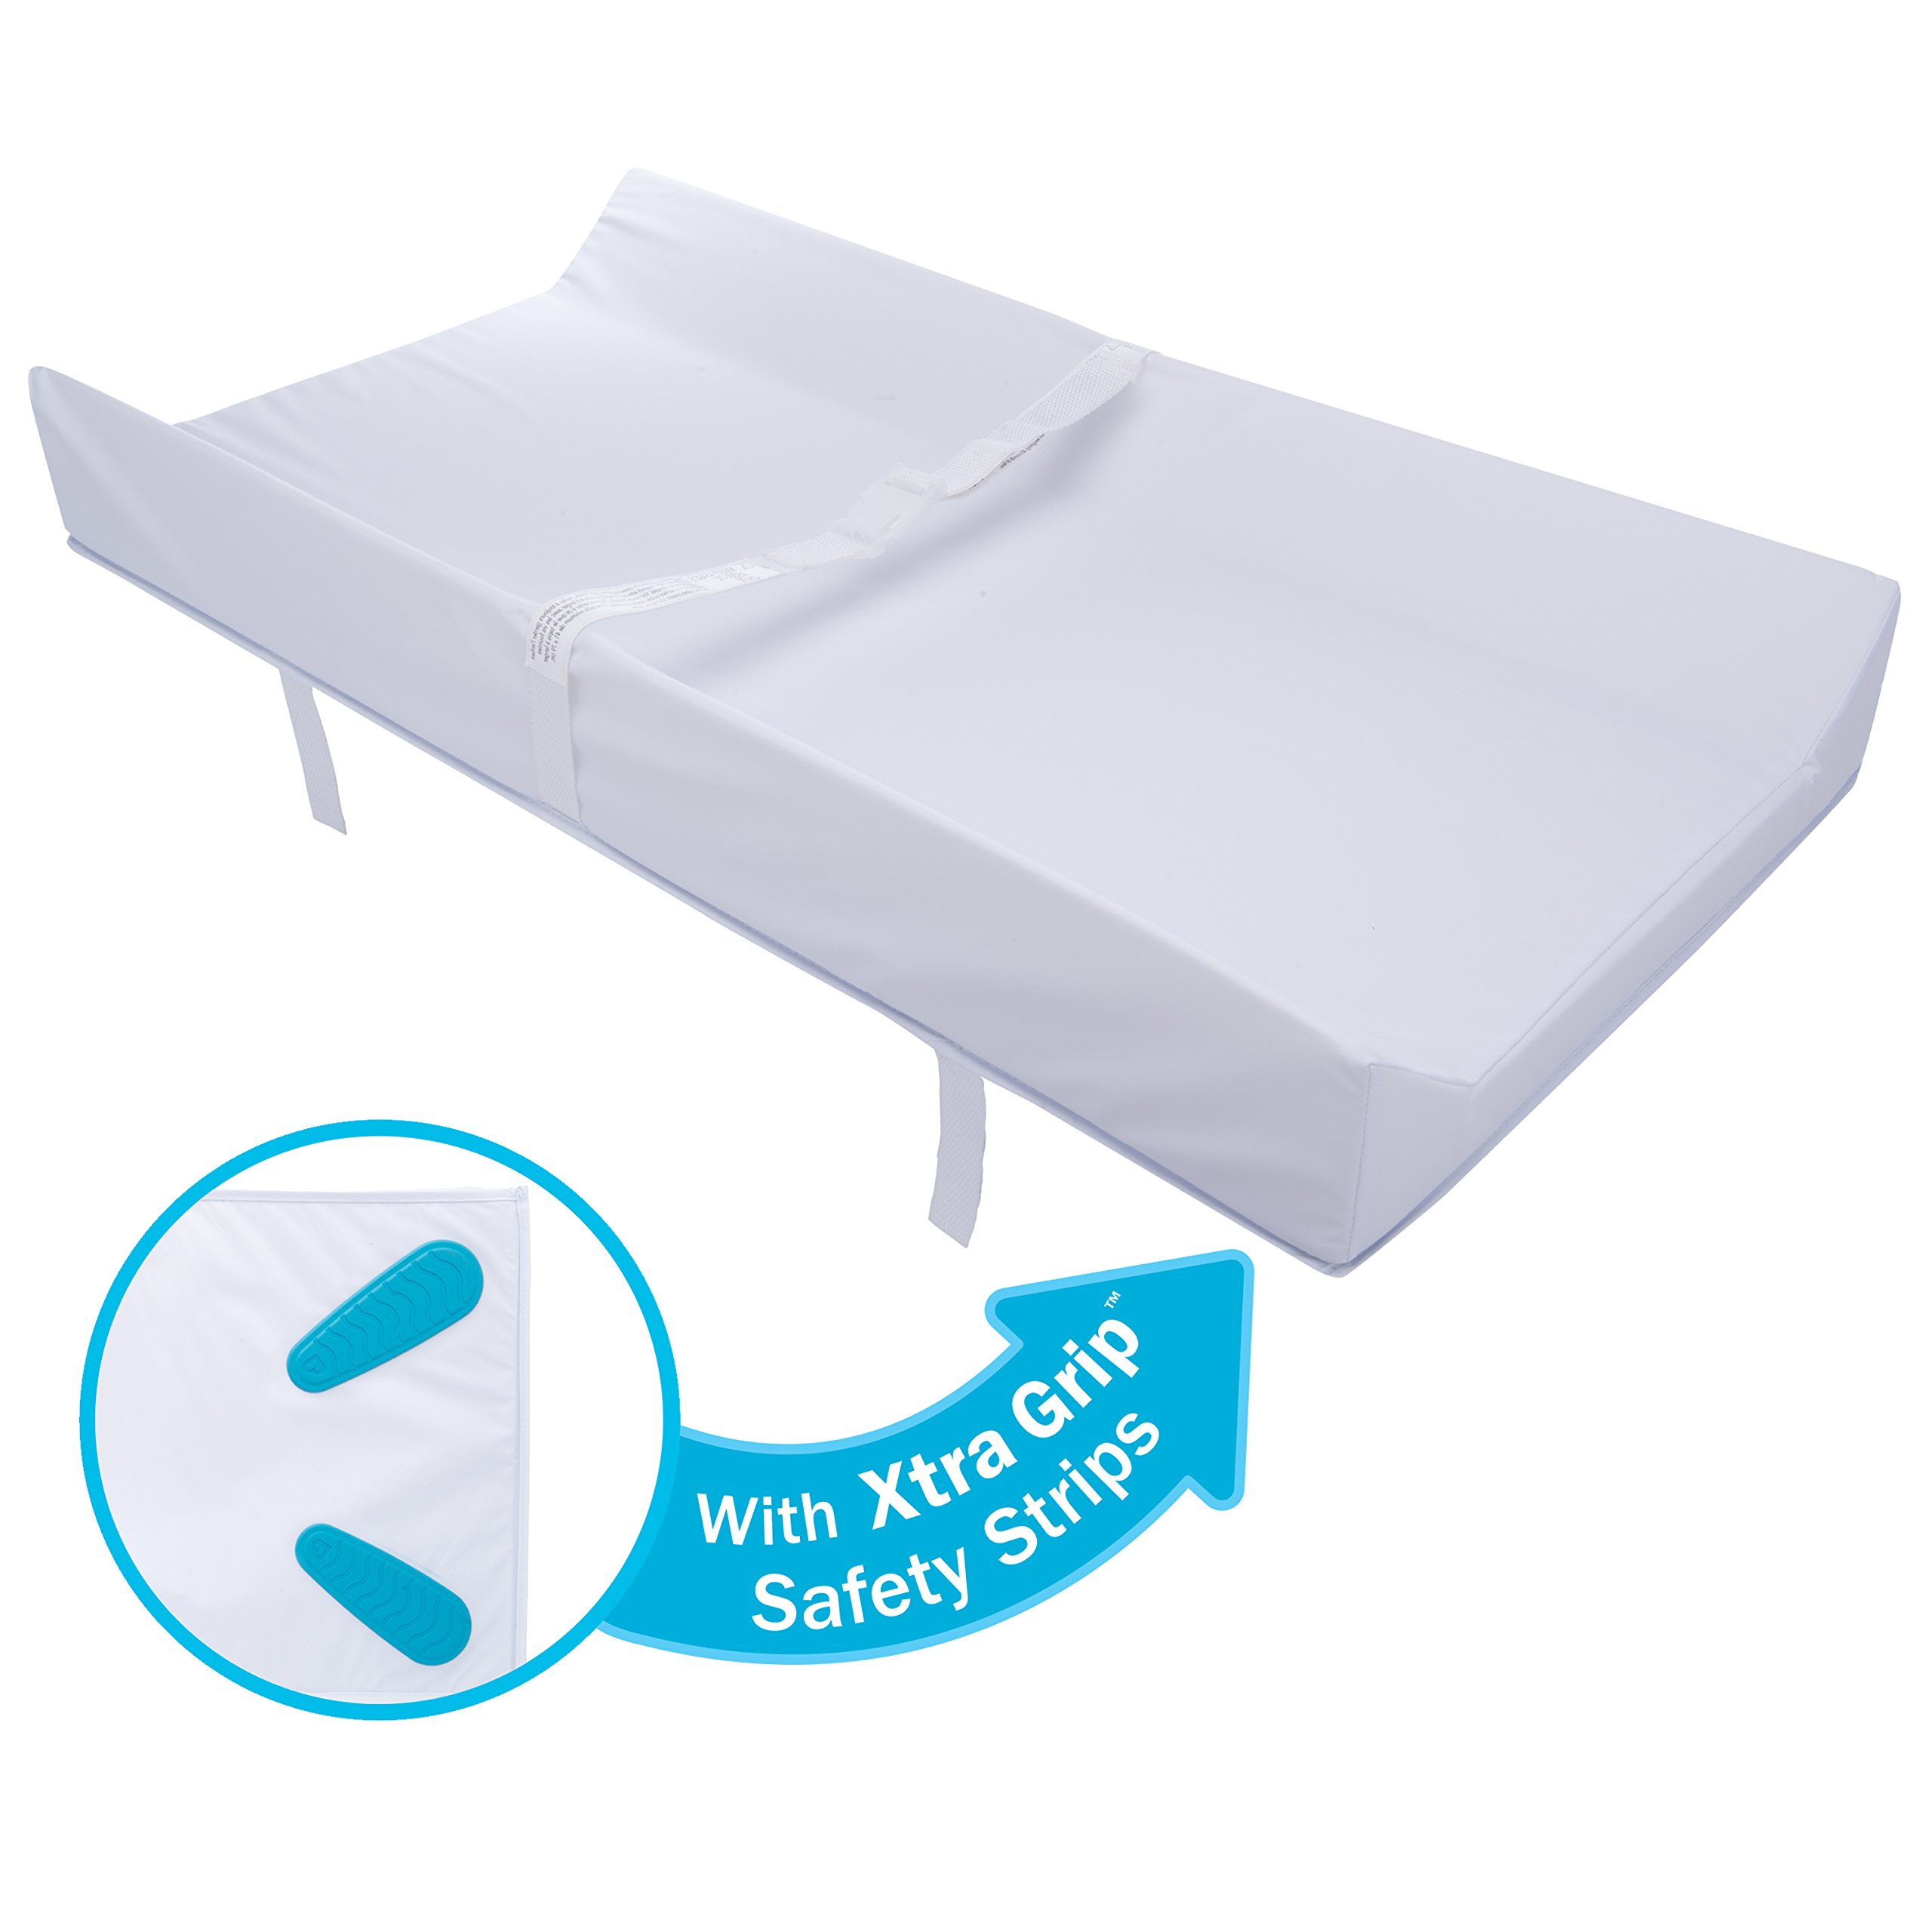 Munchkin Secure Grip Waterproof Diaper Changing Pad, 16'' x 31'' by Munchkin